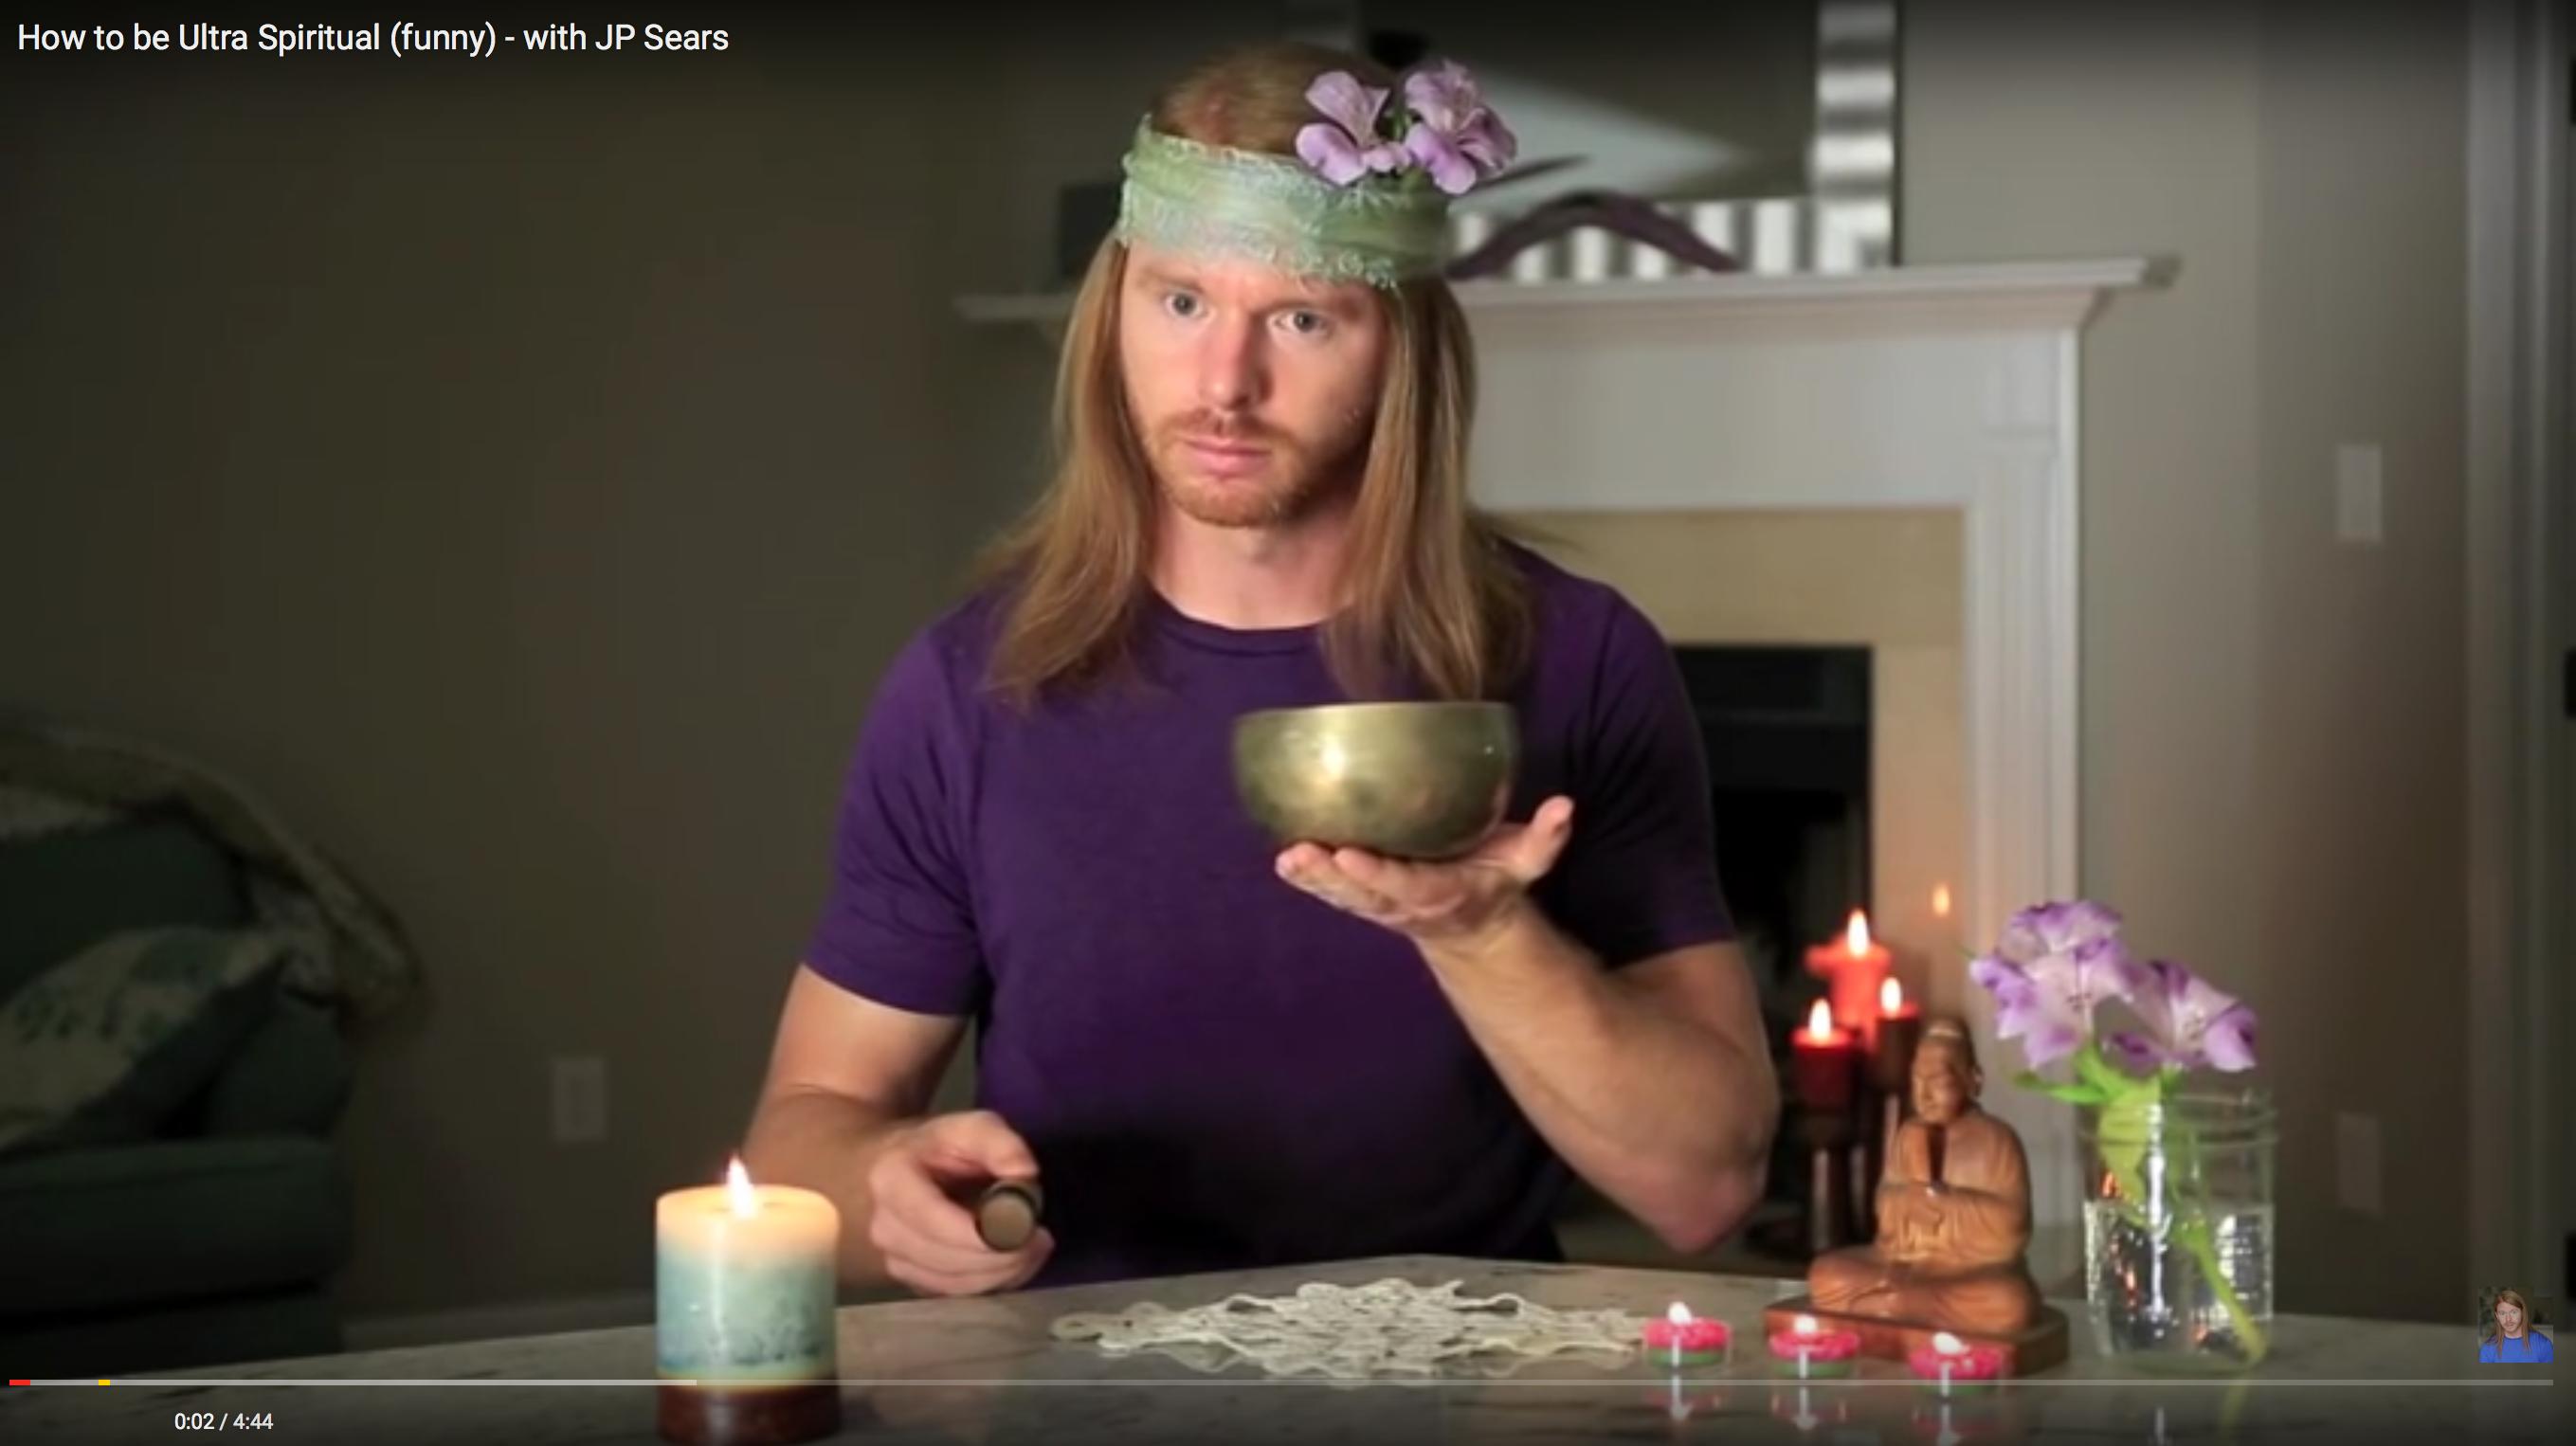 """Sei doch mal """"Ultra Spiritual"""" – Dank JP Sears"""